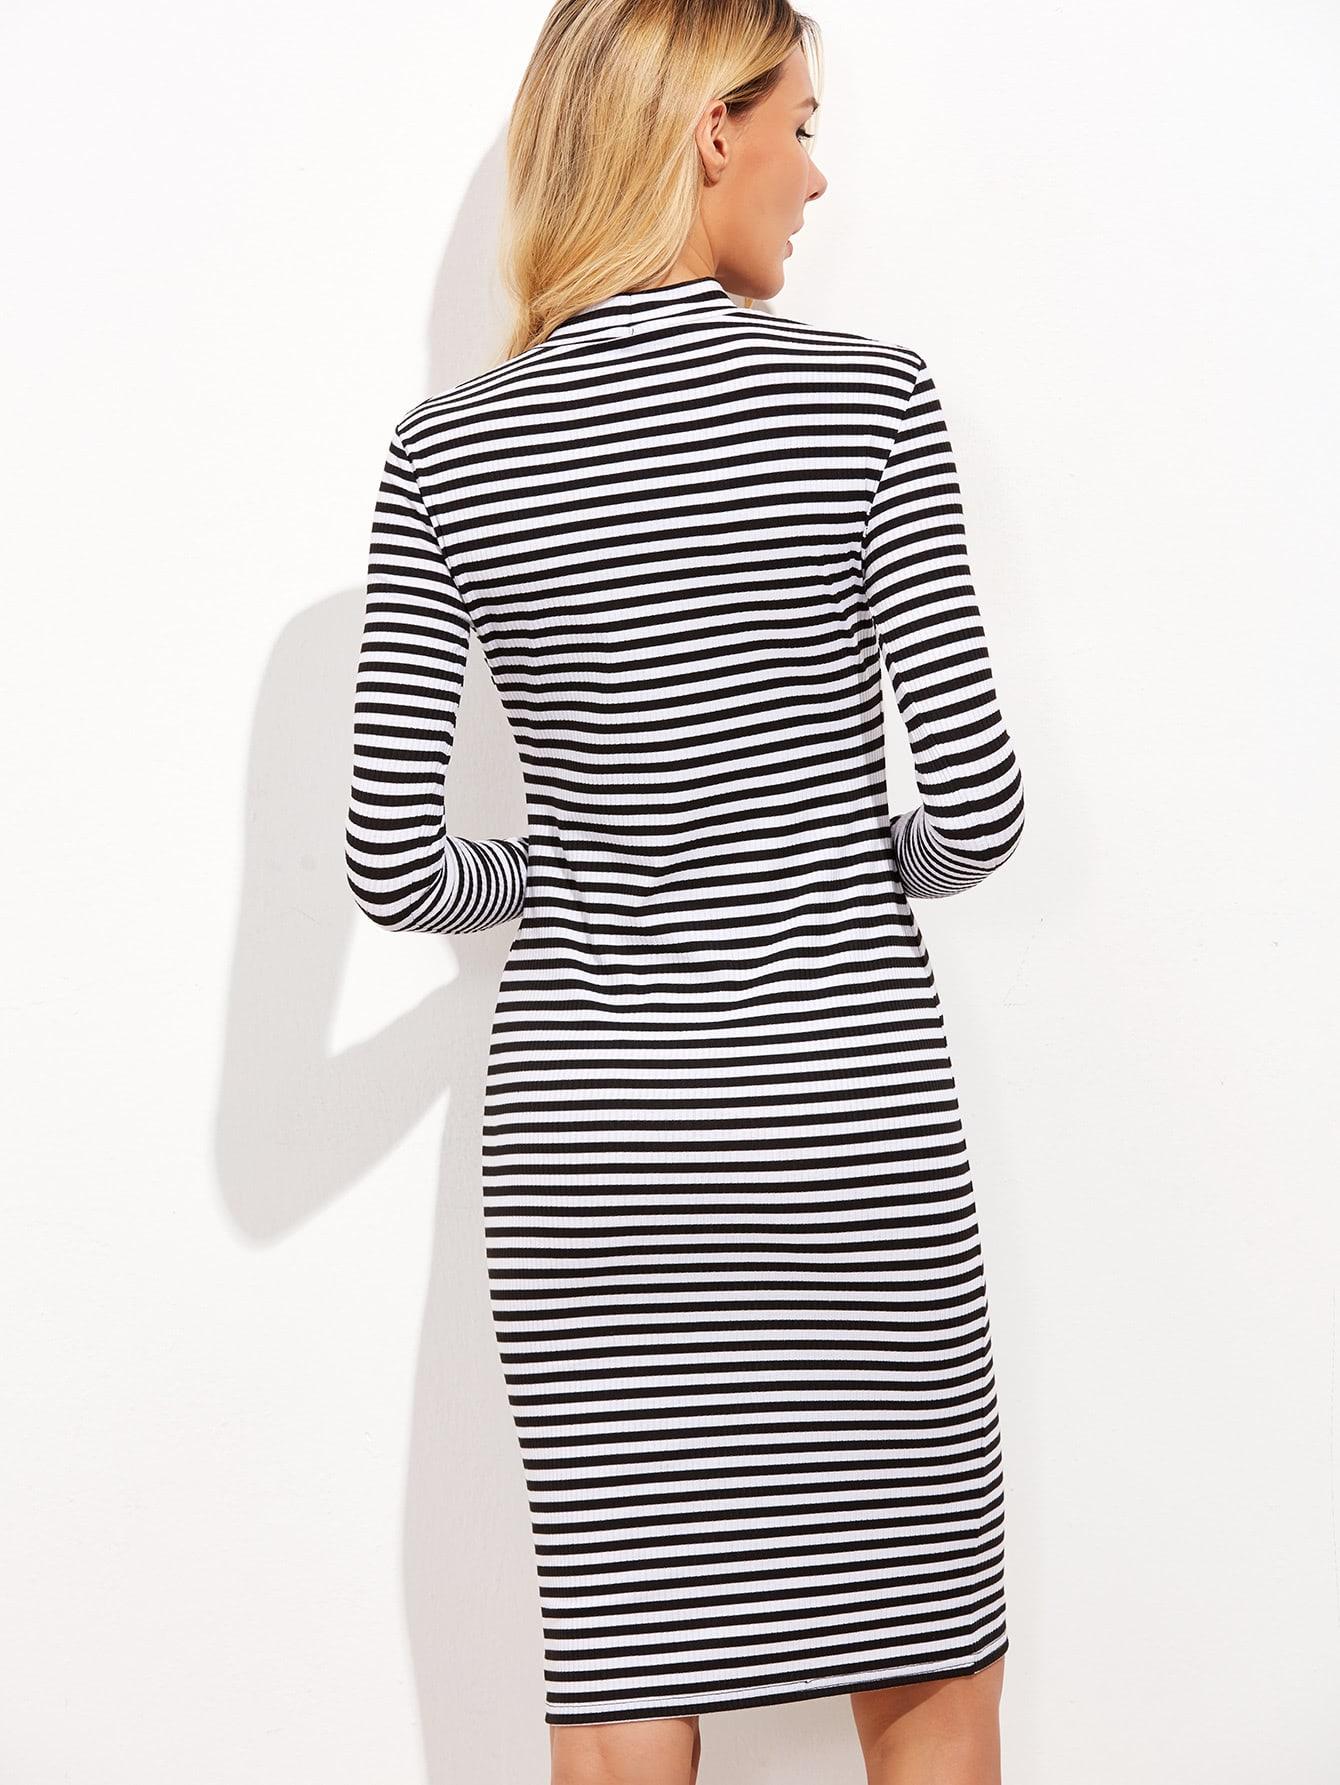 dress161010401_2